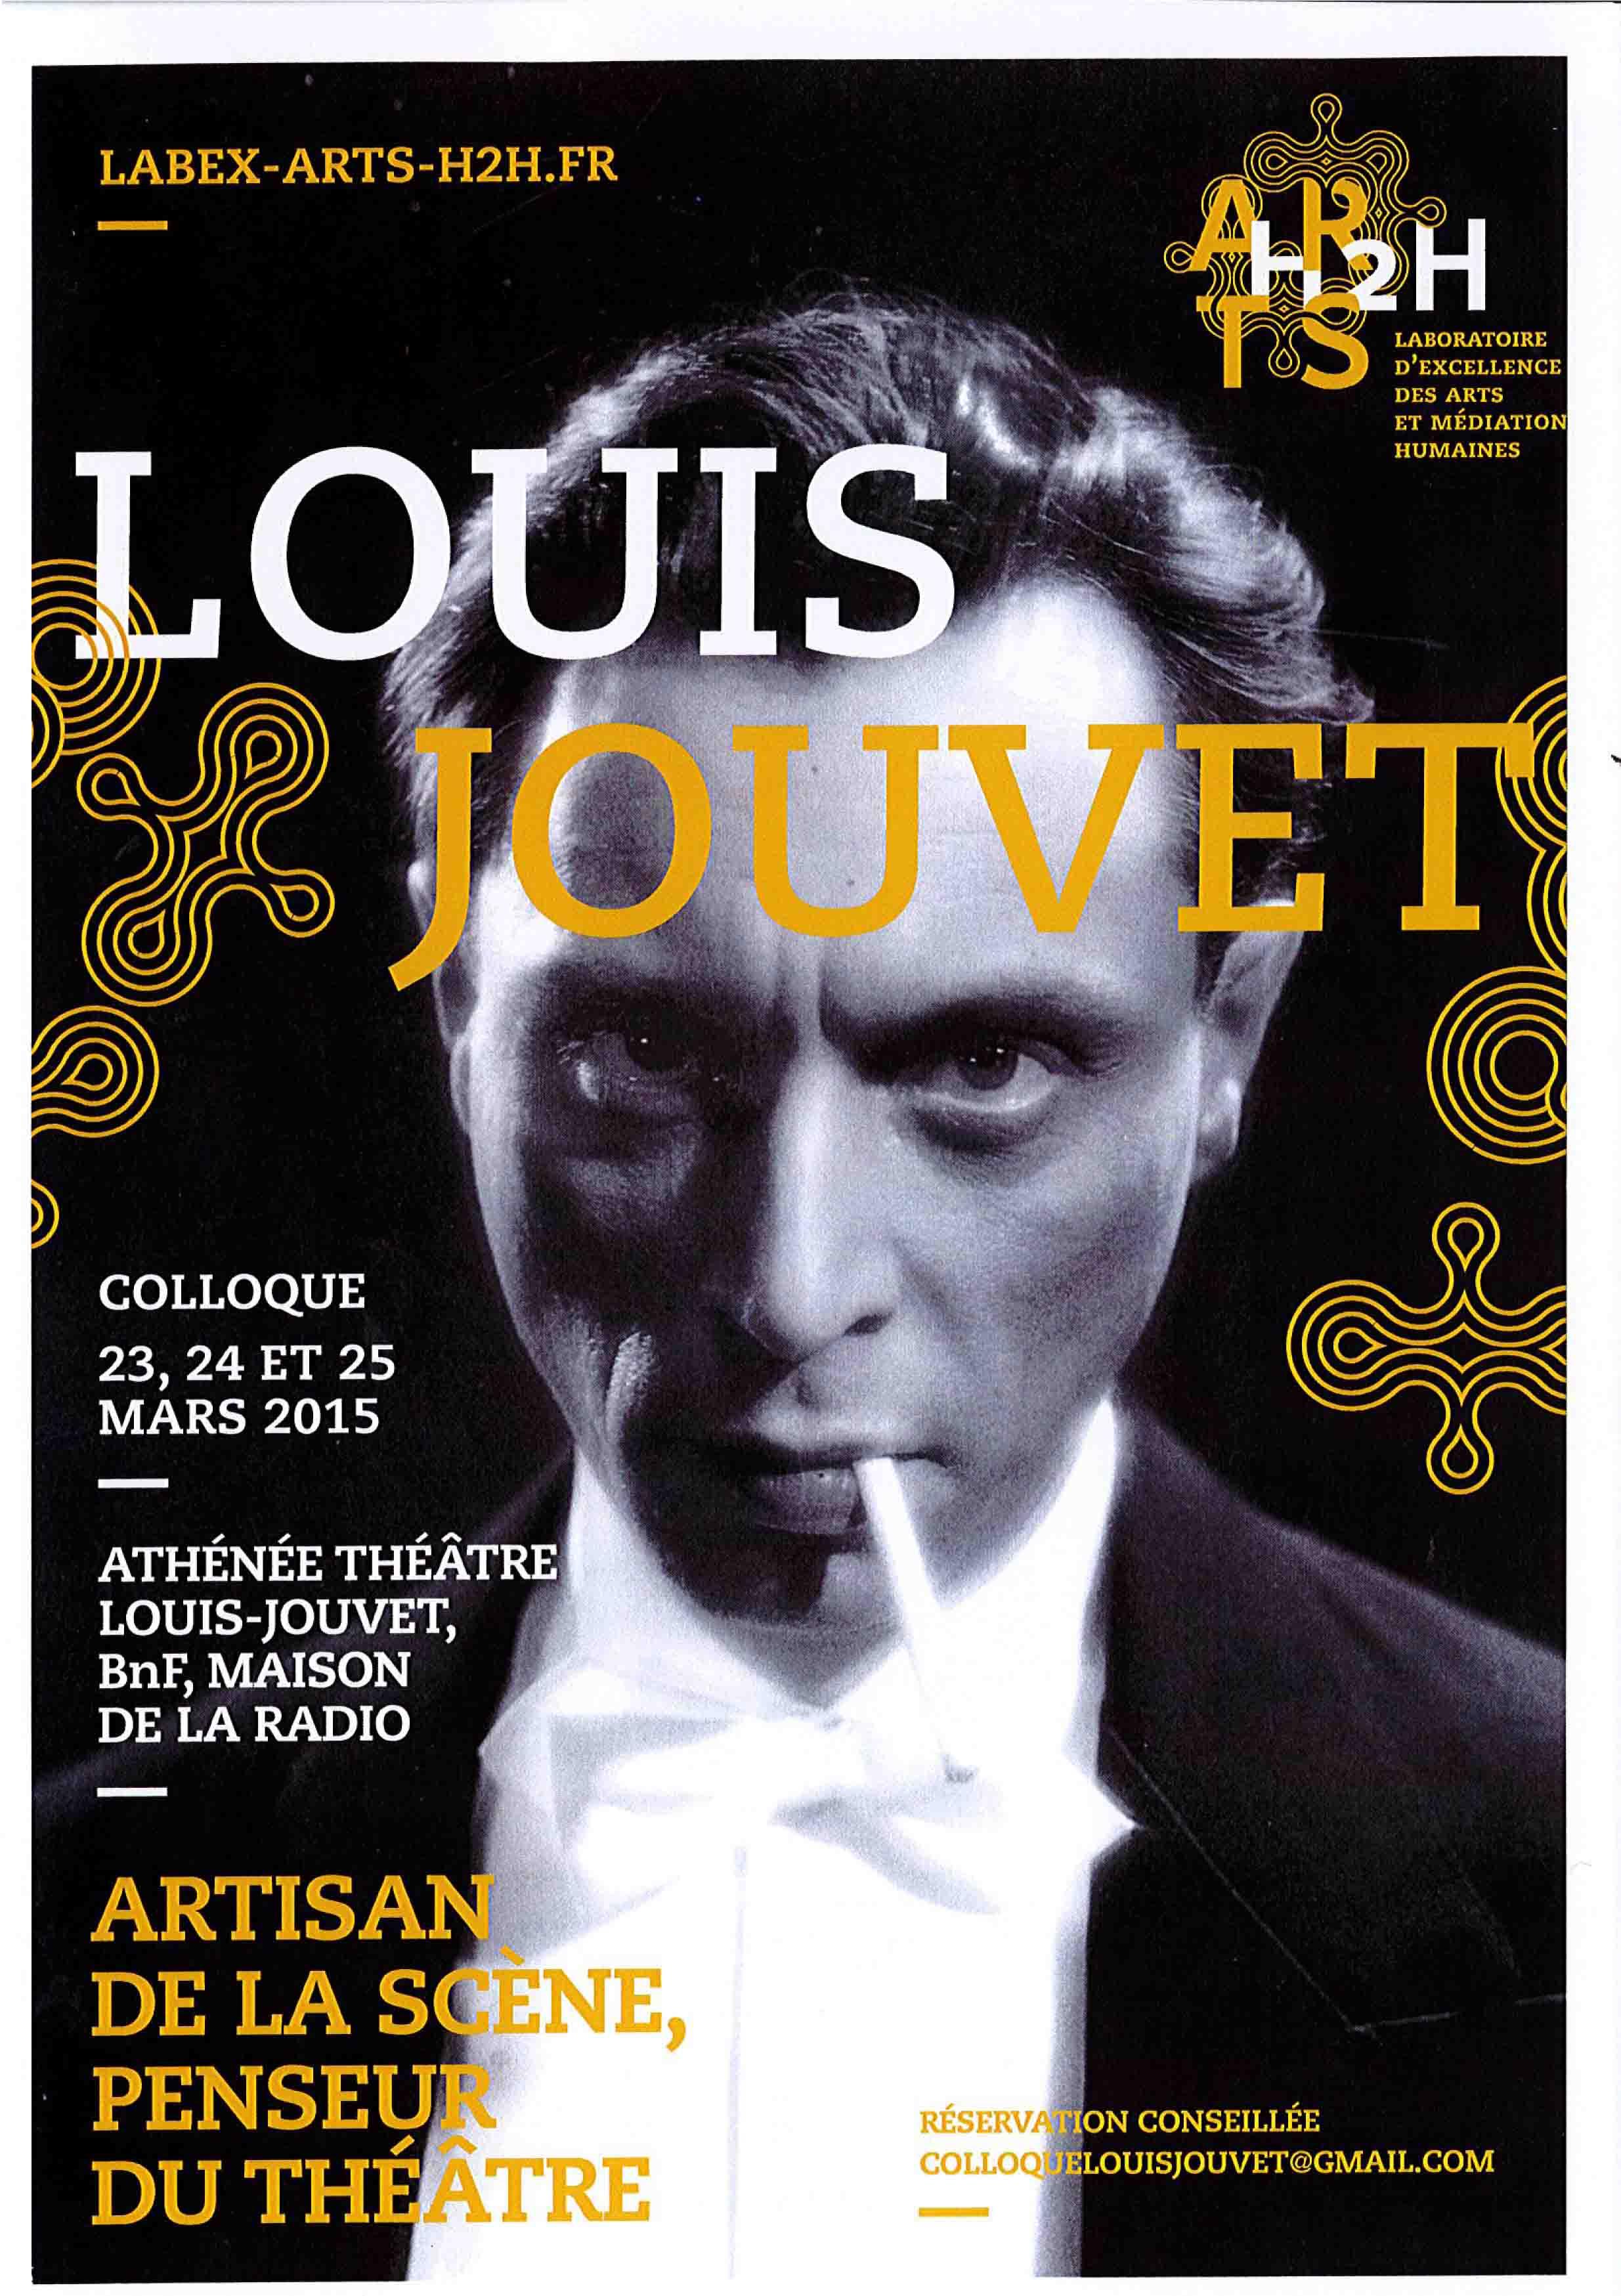 Affiche Louis Jouvet_colloque 23,24 et 25 mars 2015